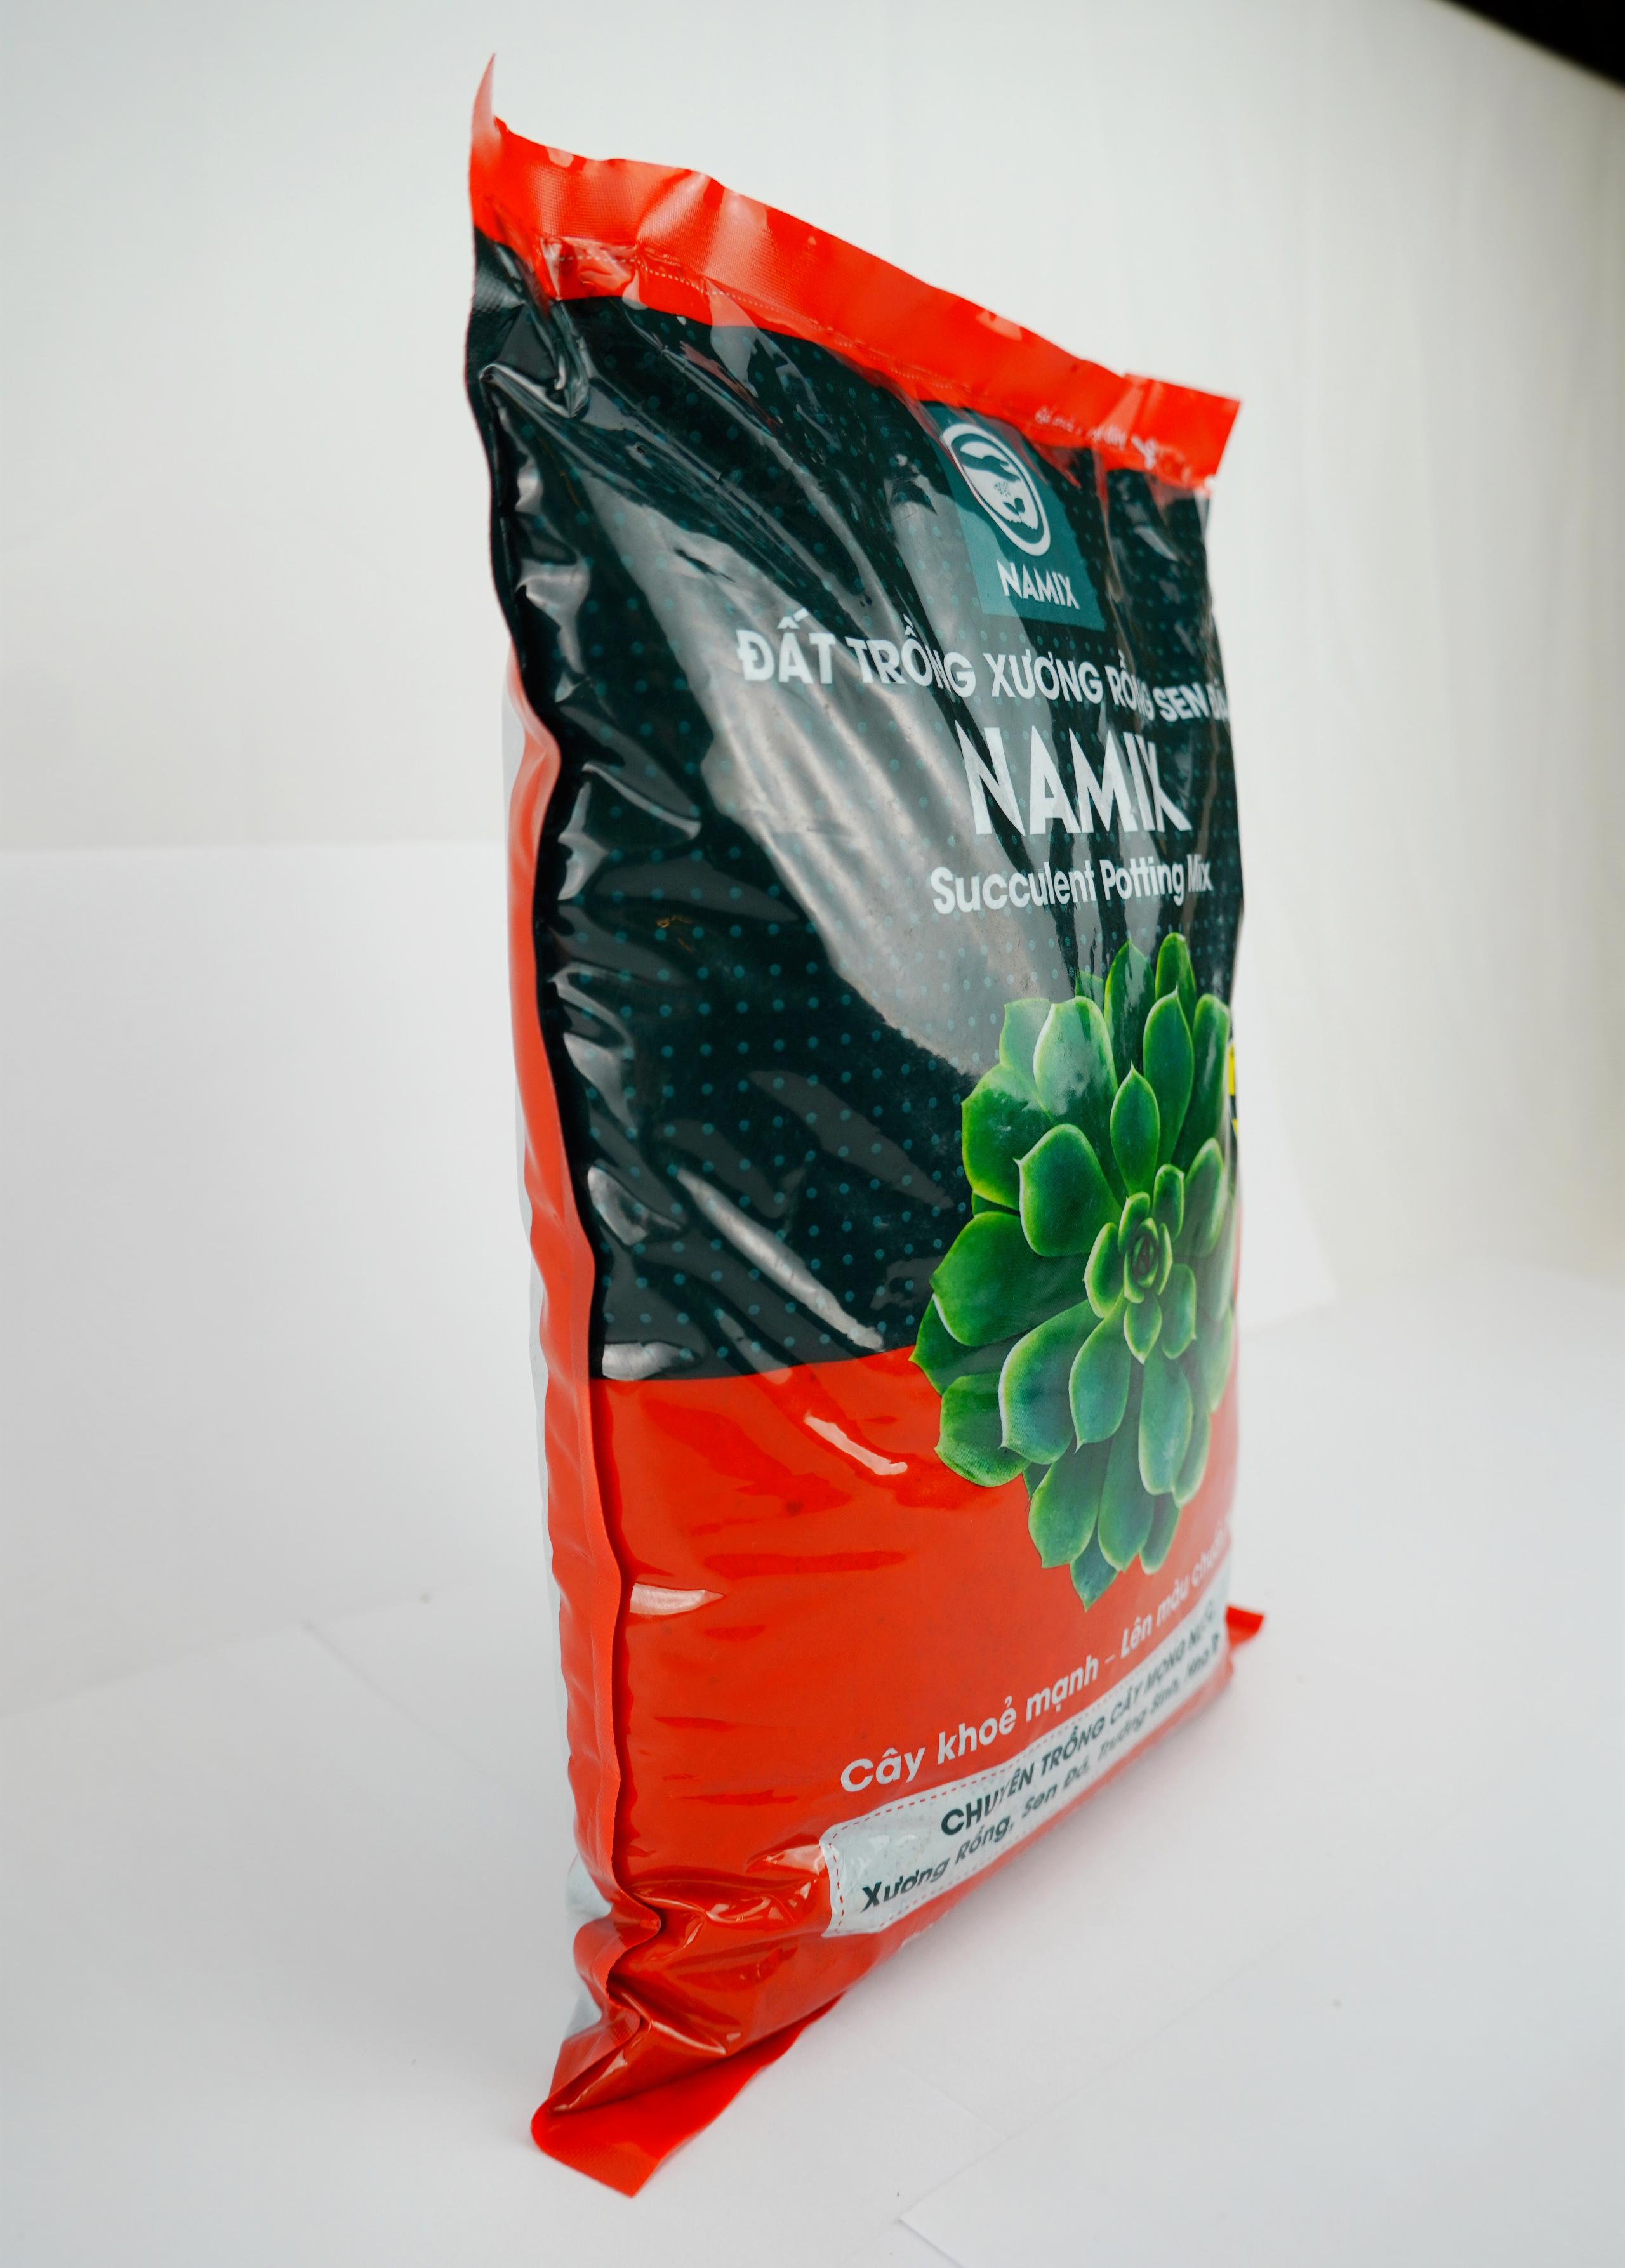 Đất trồng xương rồng sen đá Namix gói 5dm3 (Lít)